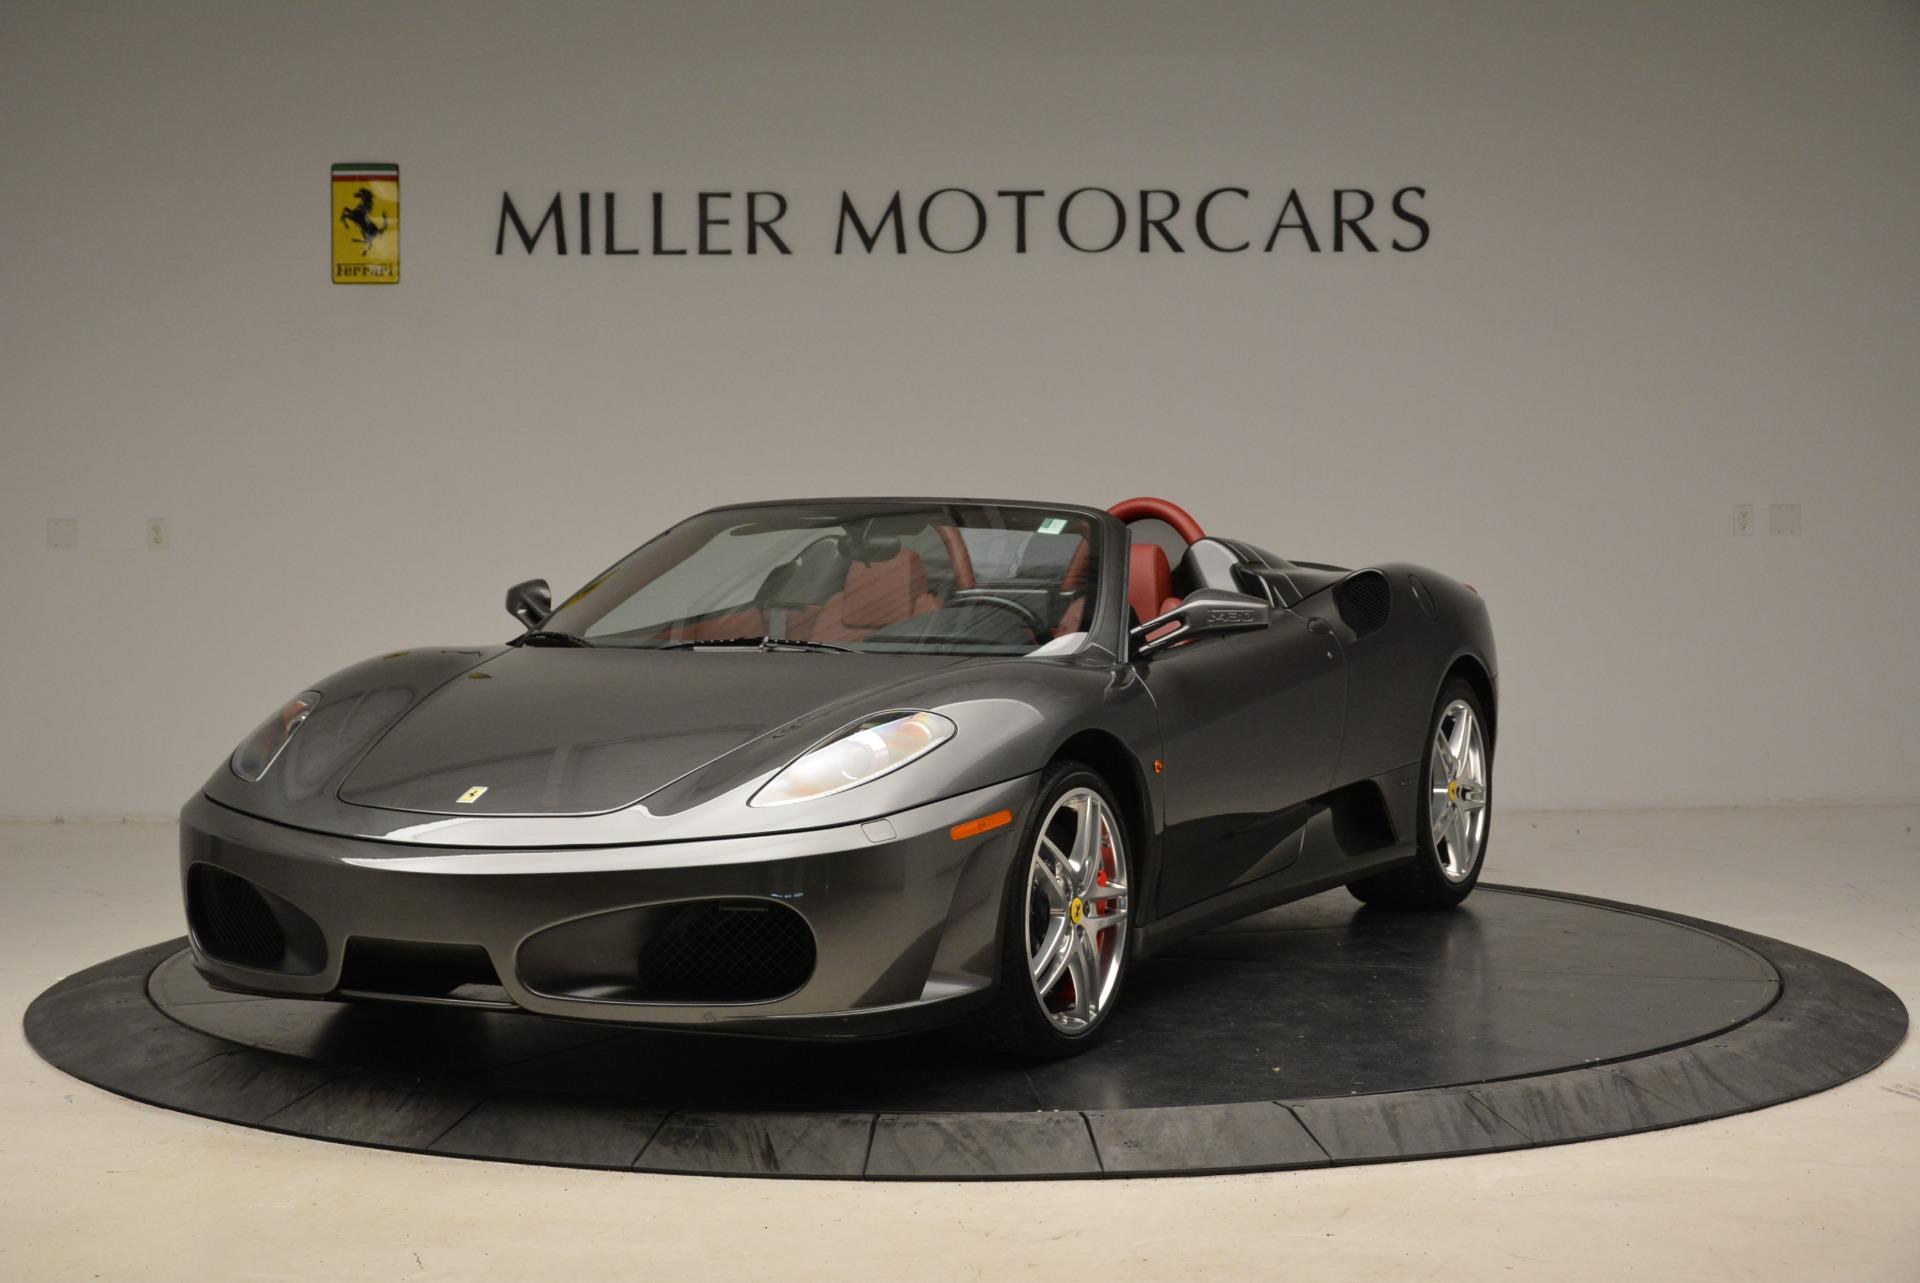 Used 2008 Ferrari F430 Spider for sale Sold at Bugatti of Greenwich in Greenwich CT 06830 1